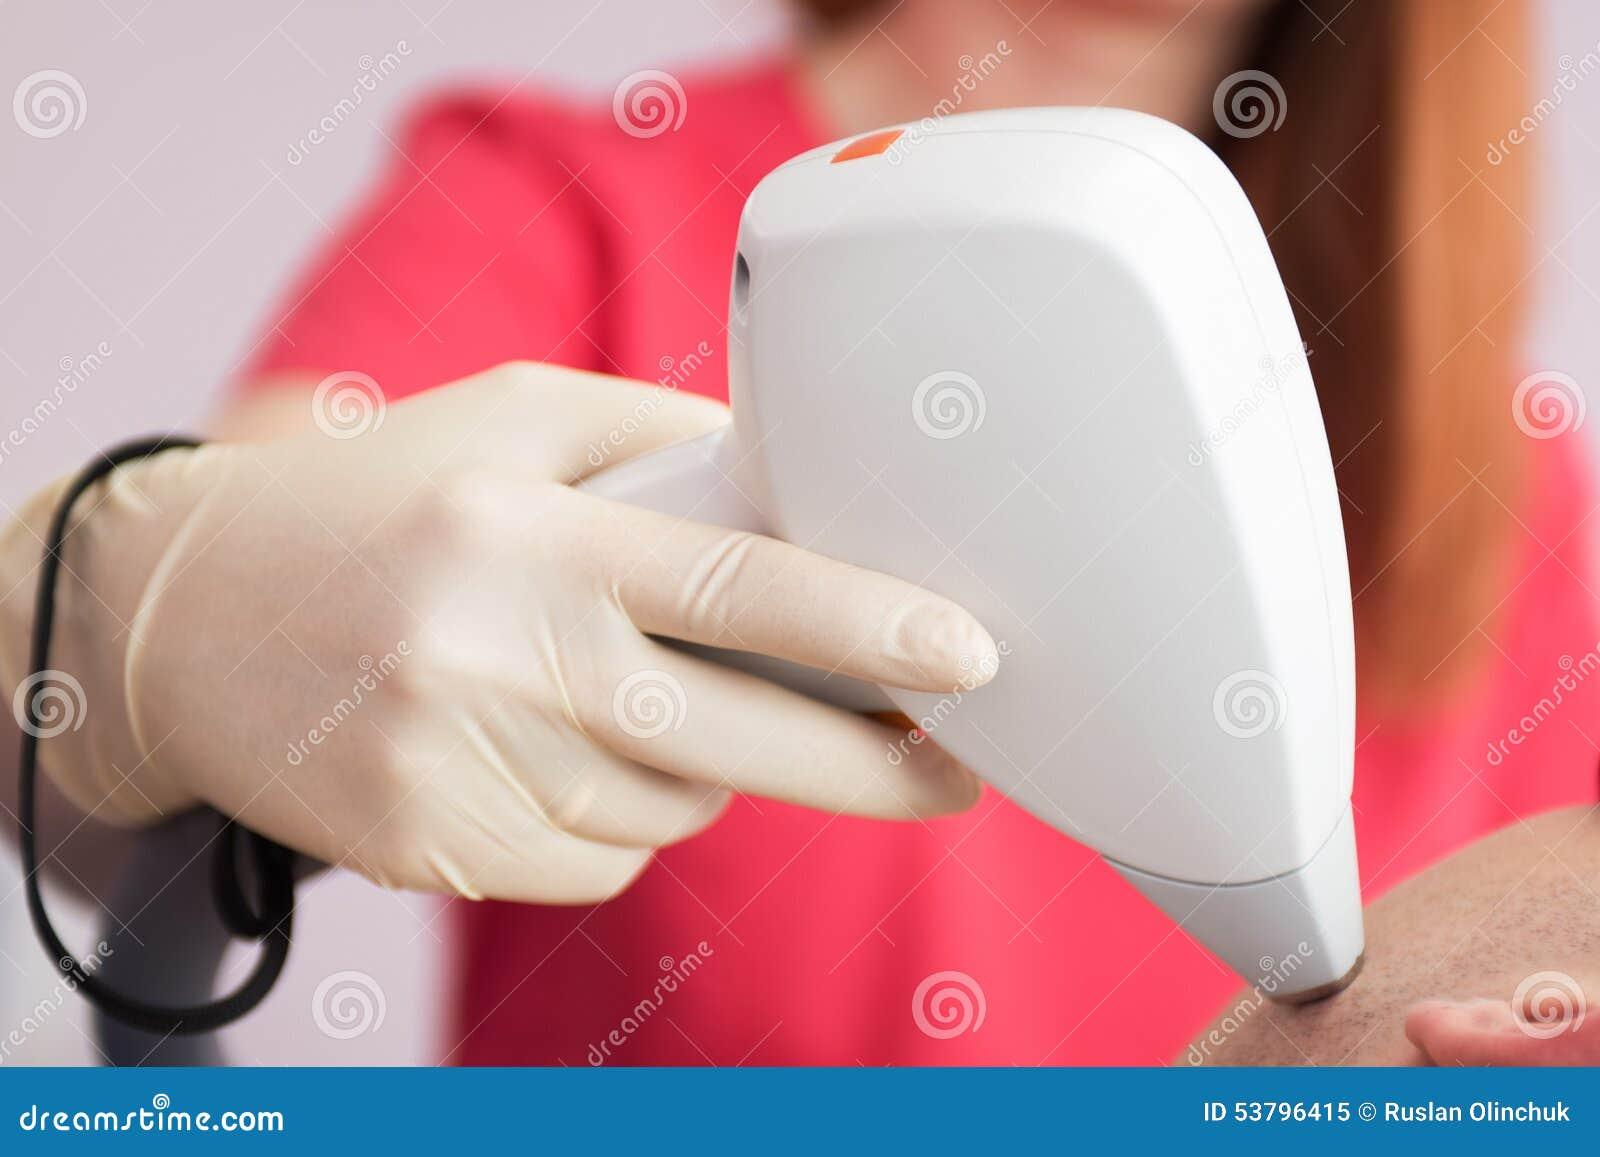 male laser epilation stock photo image 53796415. Black Bedroom Furniture Sets. Home Design Ideas